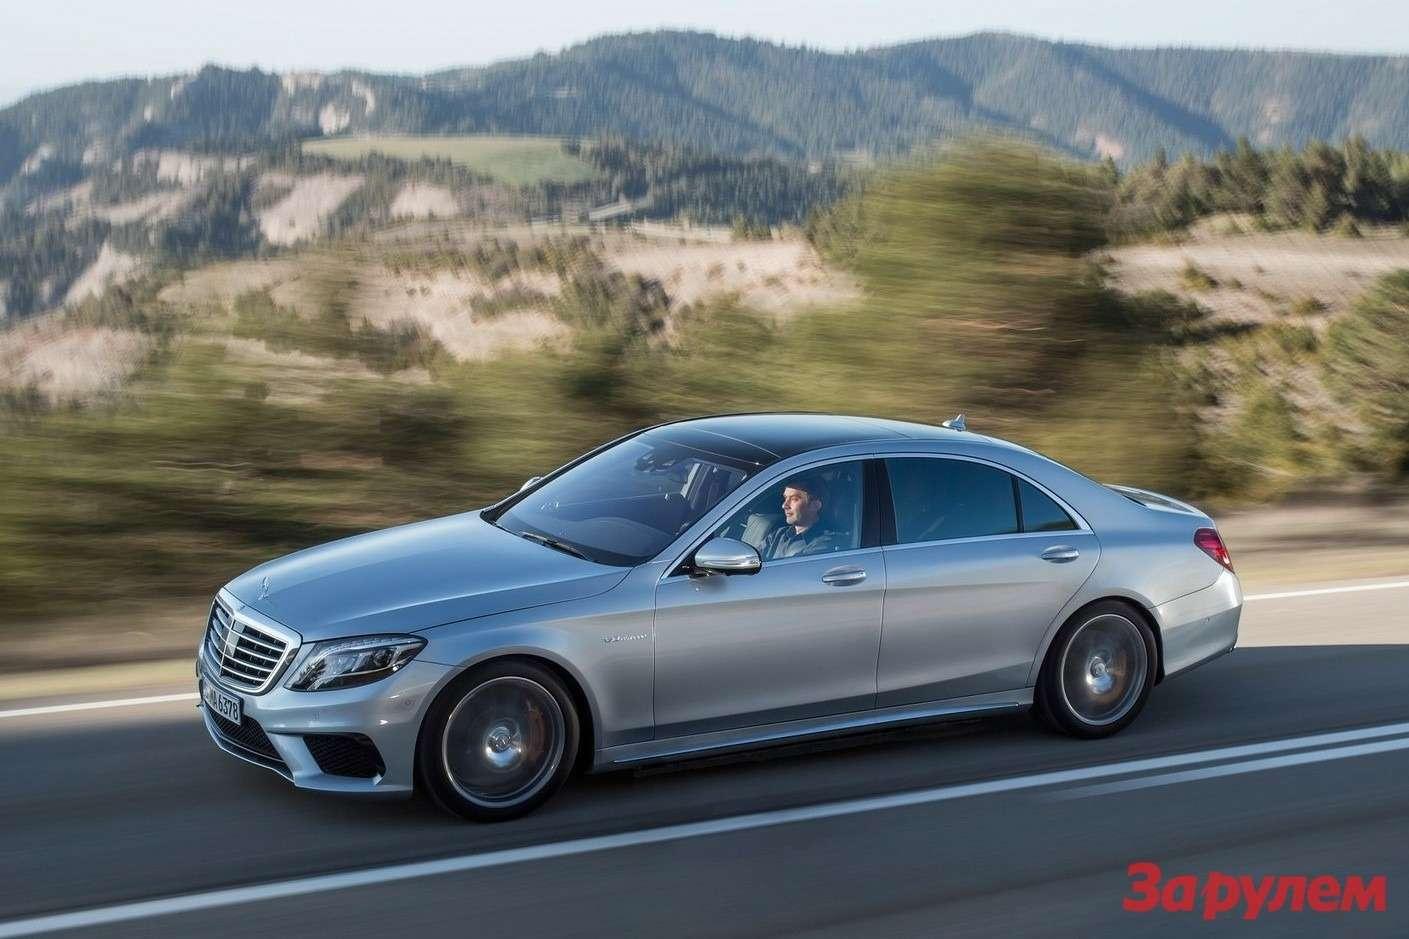 Mercedes Benz S63AMG 2014 1600x1200 wallpaper 0a